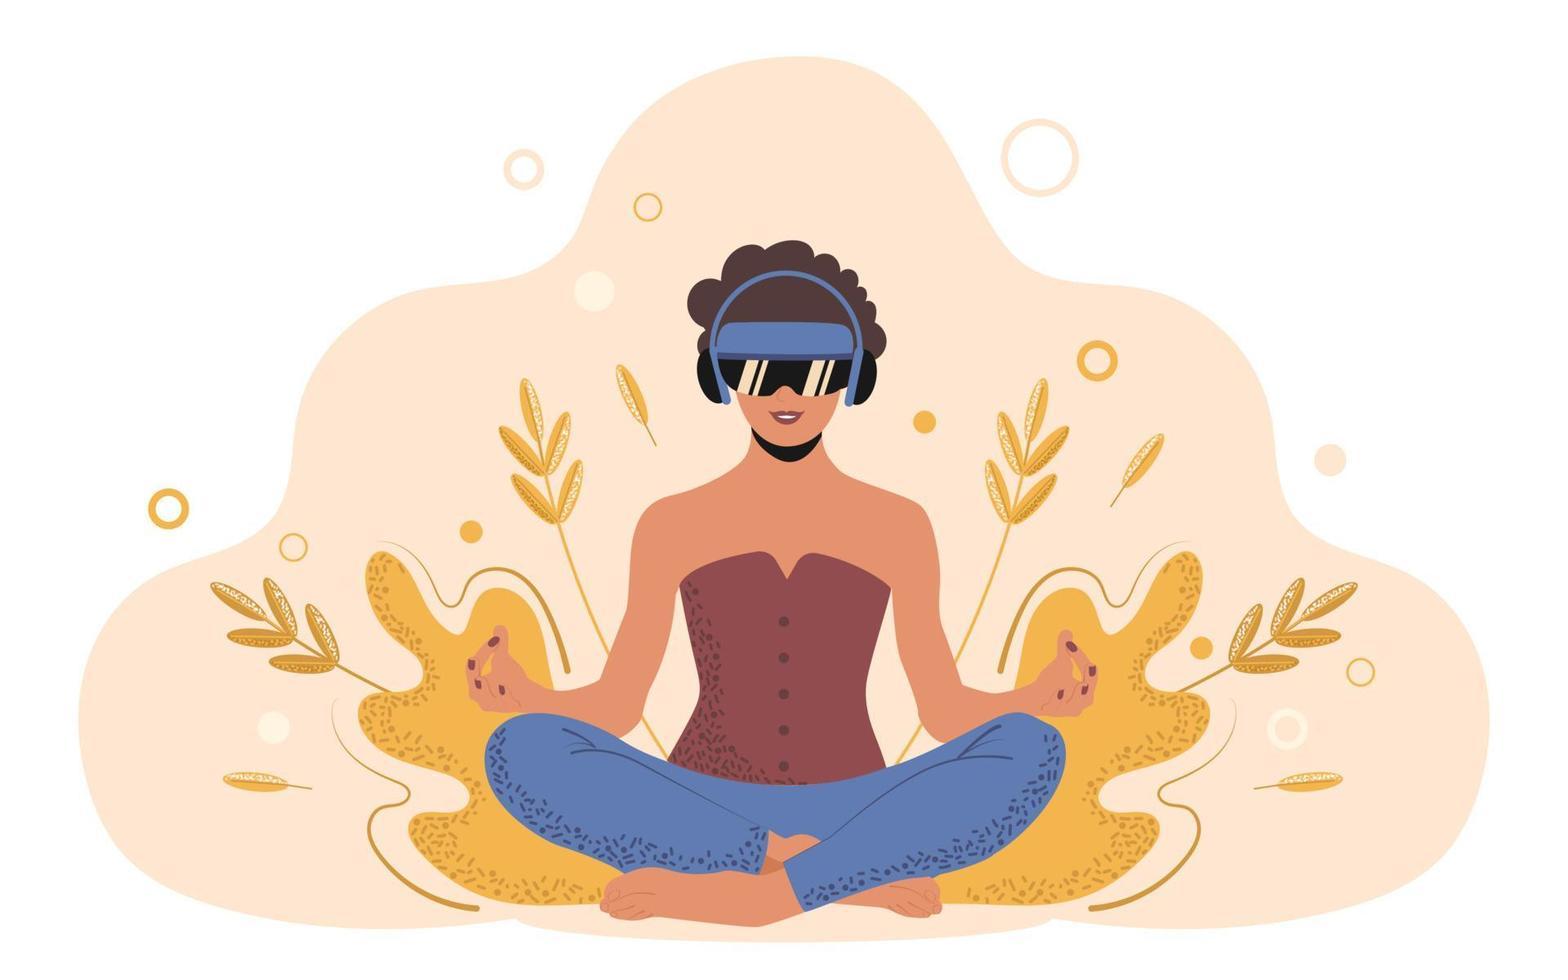 jovem mulher em posição de lótus pratica ioga com óculos vr. tecnologias para o futuro da saúde física e mental. ilustração em vetor plana na moda